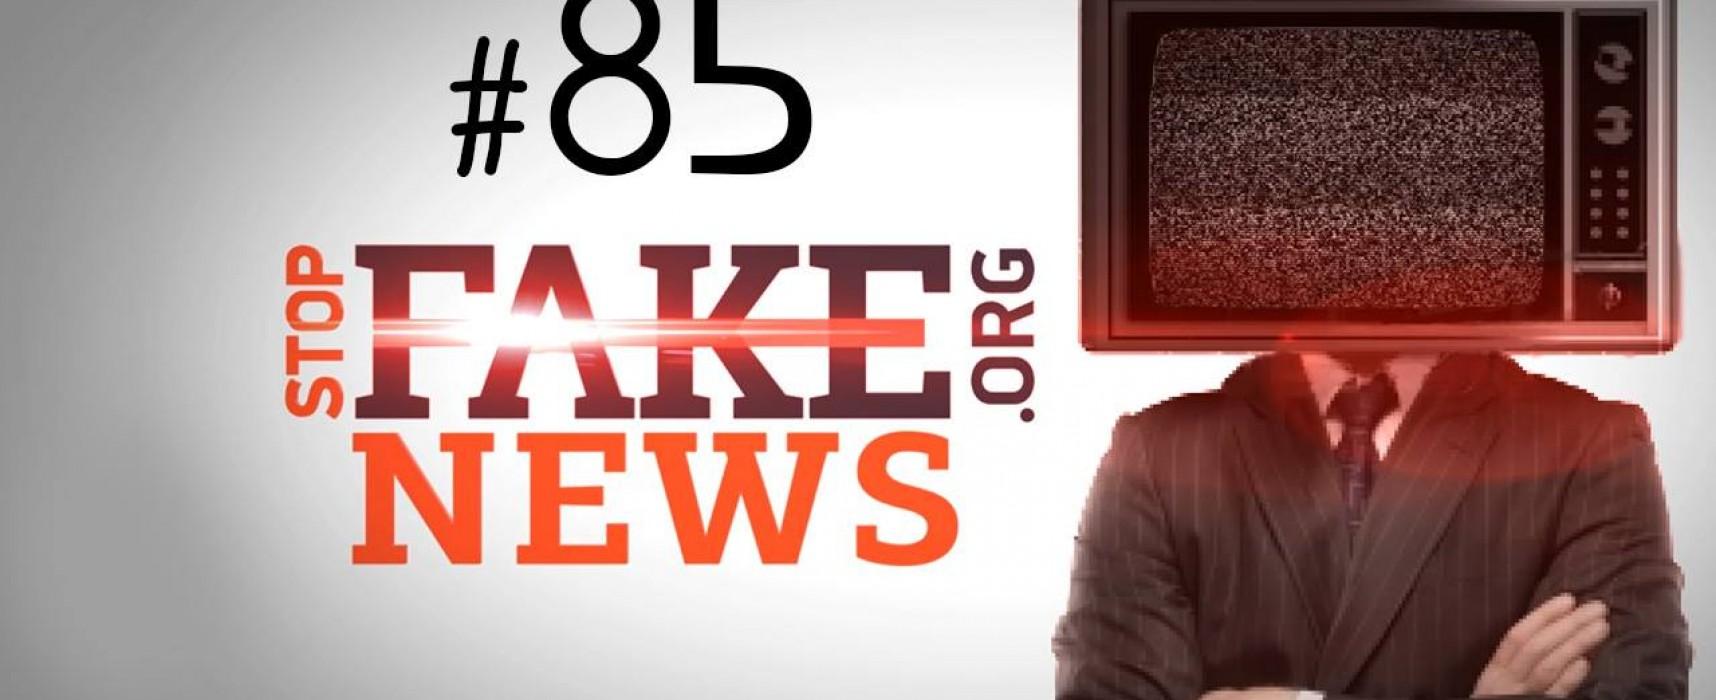 StopFakeNews #85. Джон Керри, госпереворот и наказание за критику власти